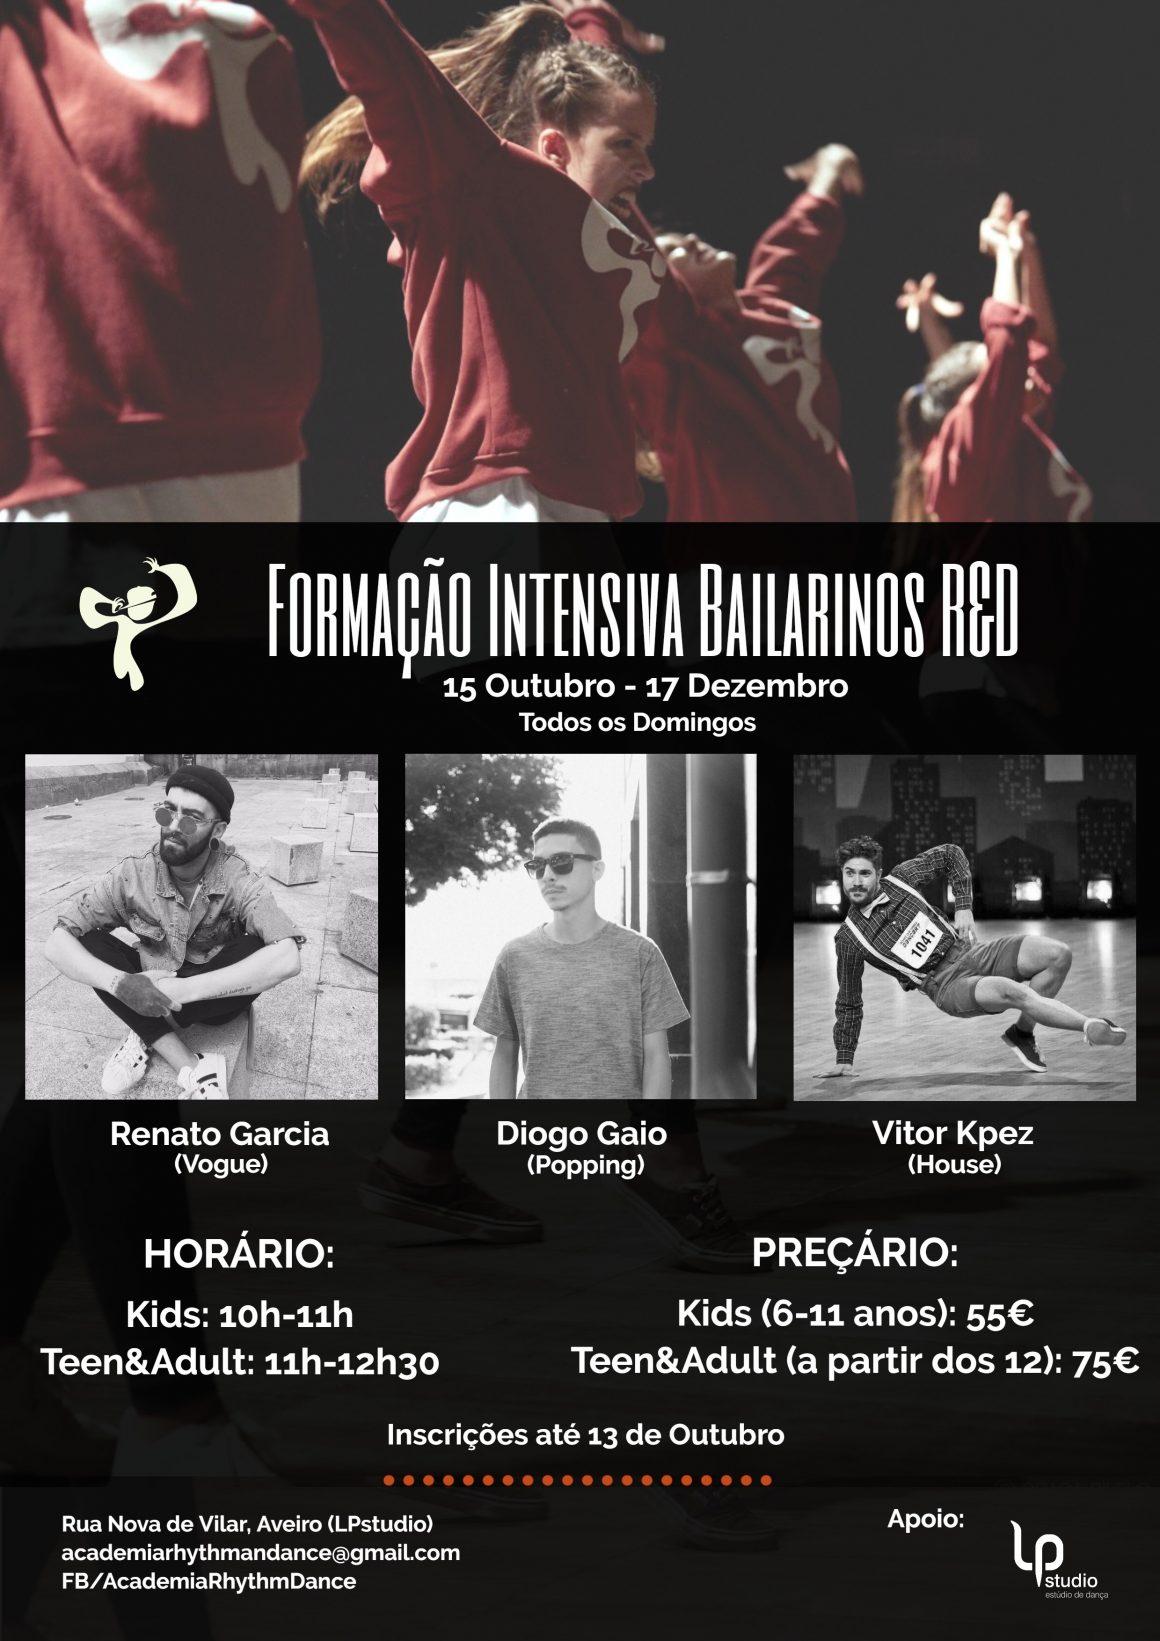 FORMAÇÃO INTENSIVA BAILARINOS R&D